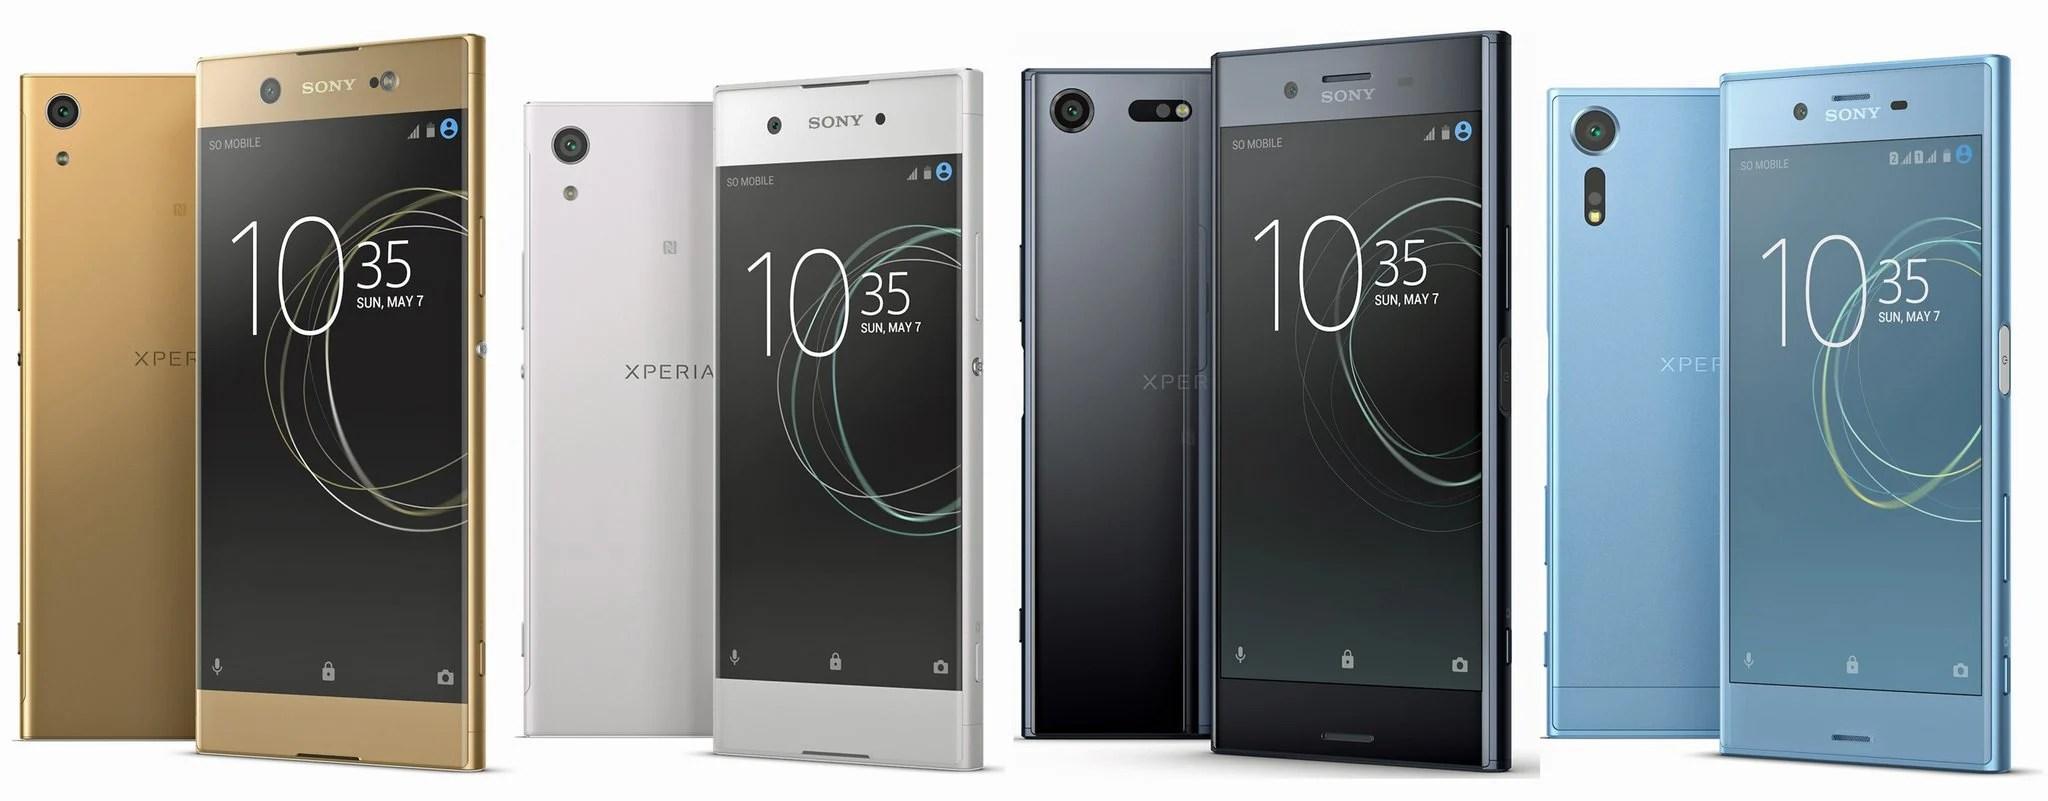 Sony Xperia : la gamme 2017 révélée avant l'heure – MWC 2017